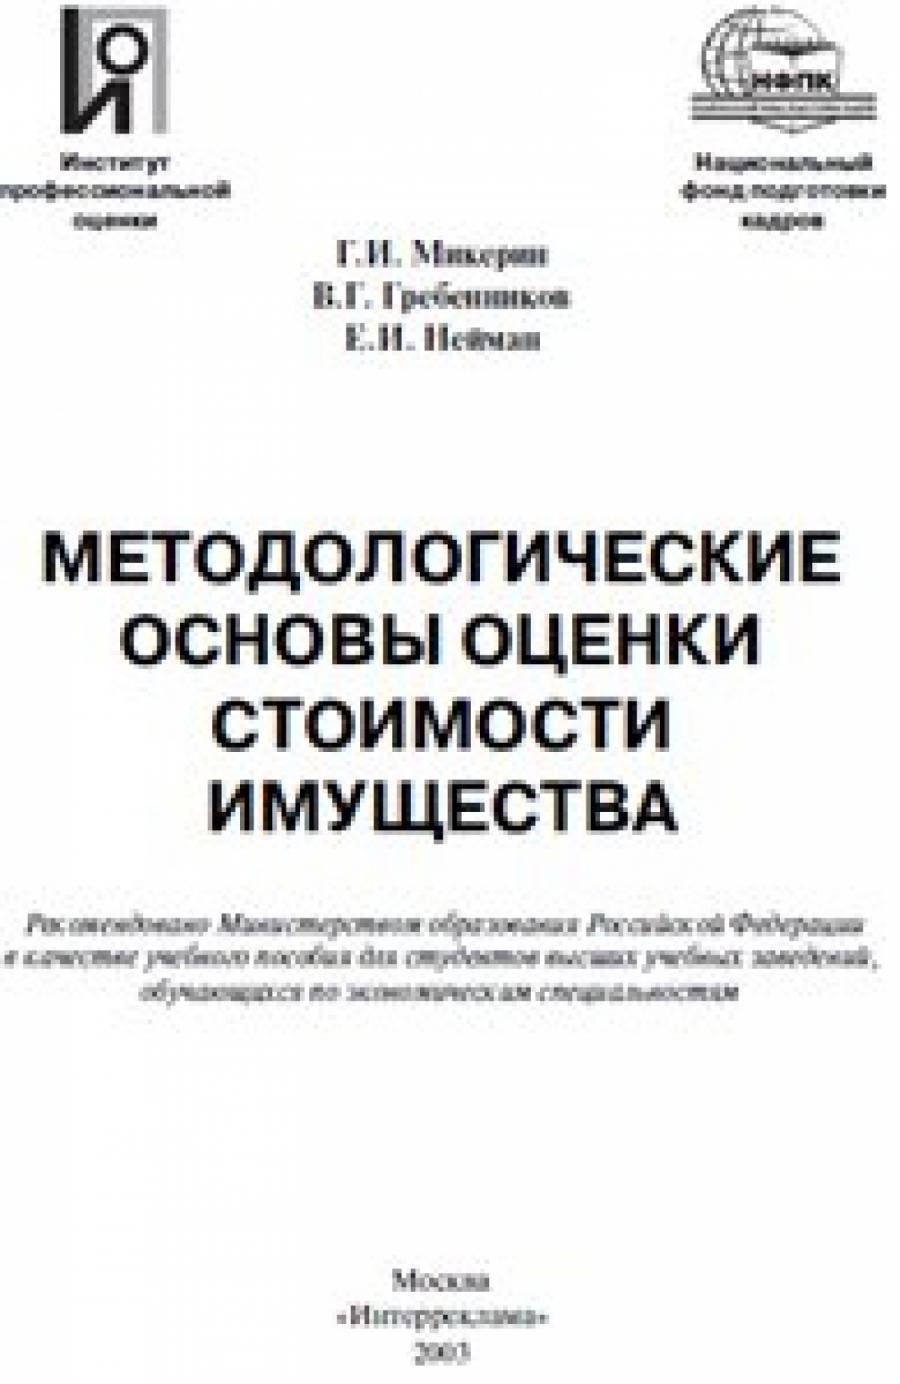 Обложка книги:  микерин г. и. , гребенников в. г. , нейман е. и. - методологические основы оценки стоимости имущества